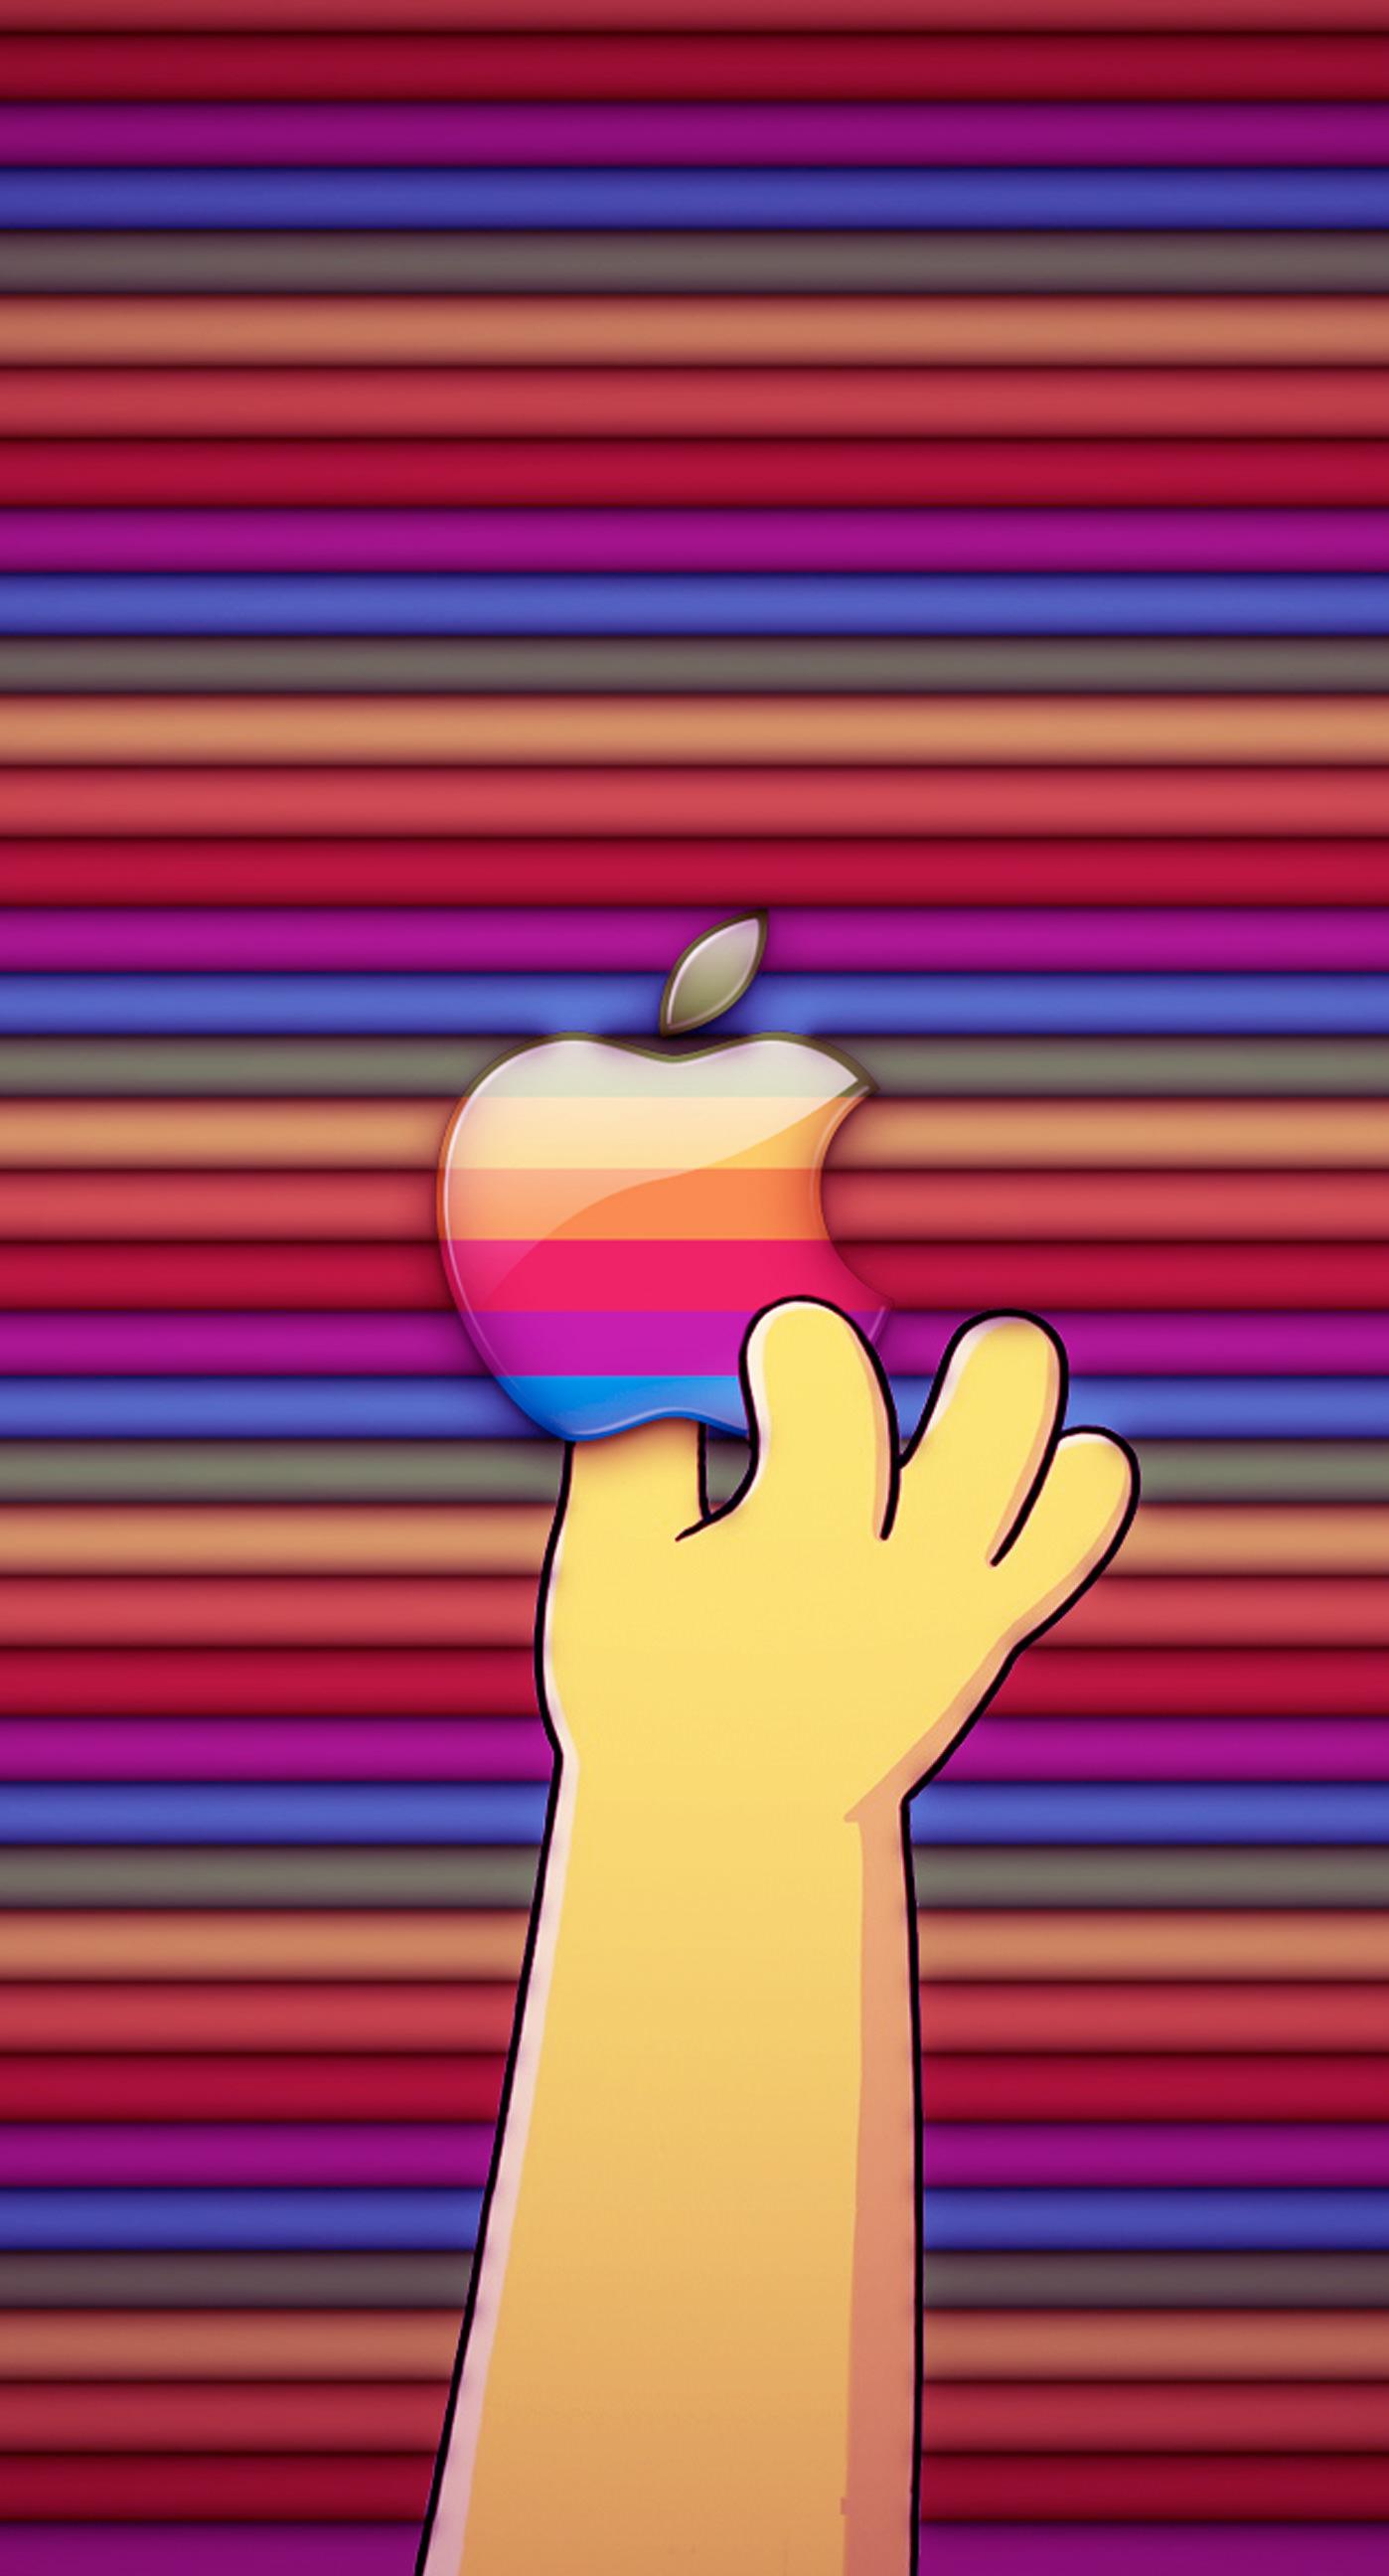 Wallpaper iphone yang keren - Logo Apple Tangan Berwarna Warni Iphone7 Plus Wallpaper